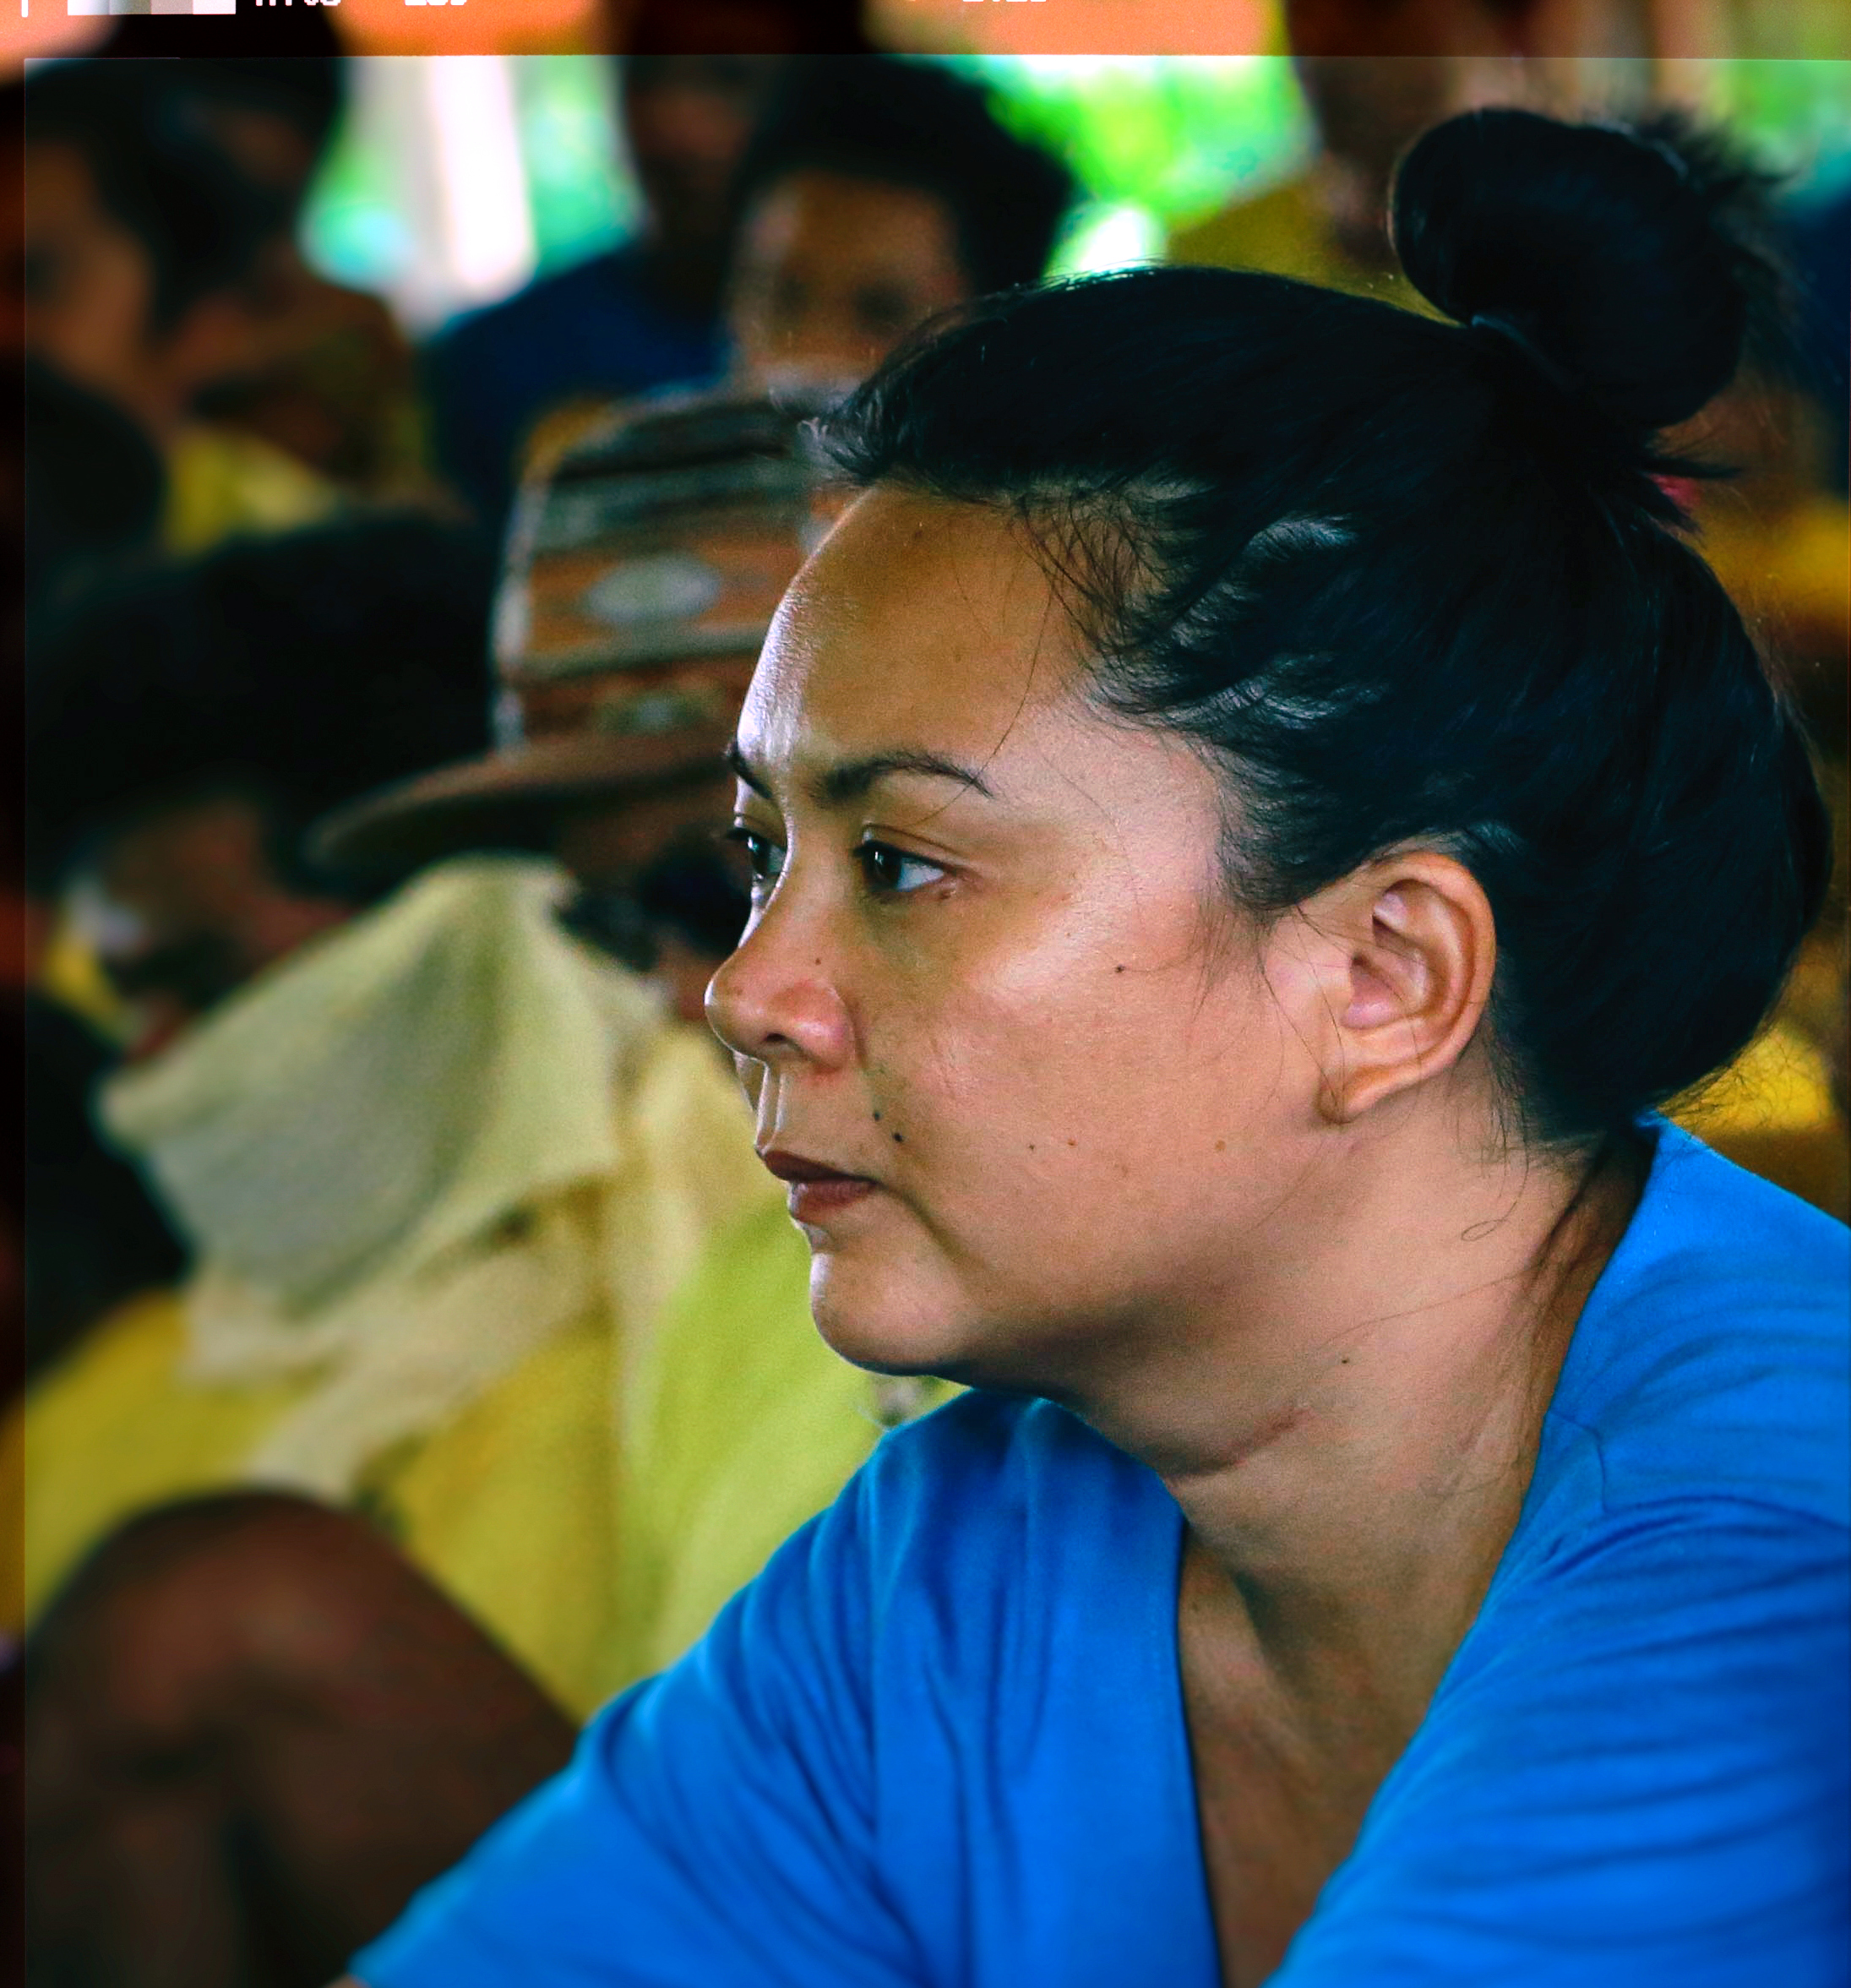 Rambie Lim